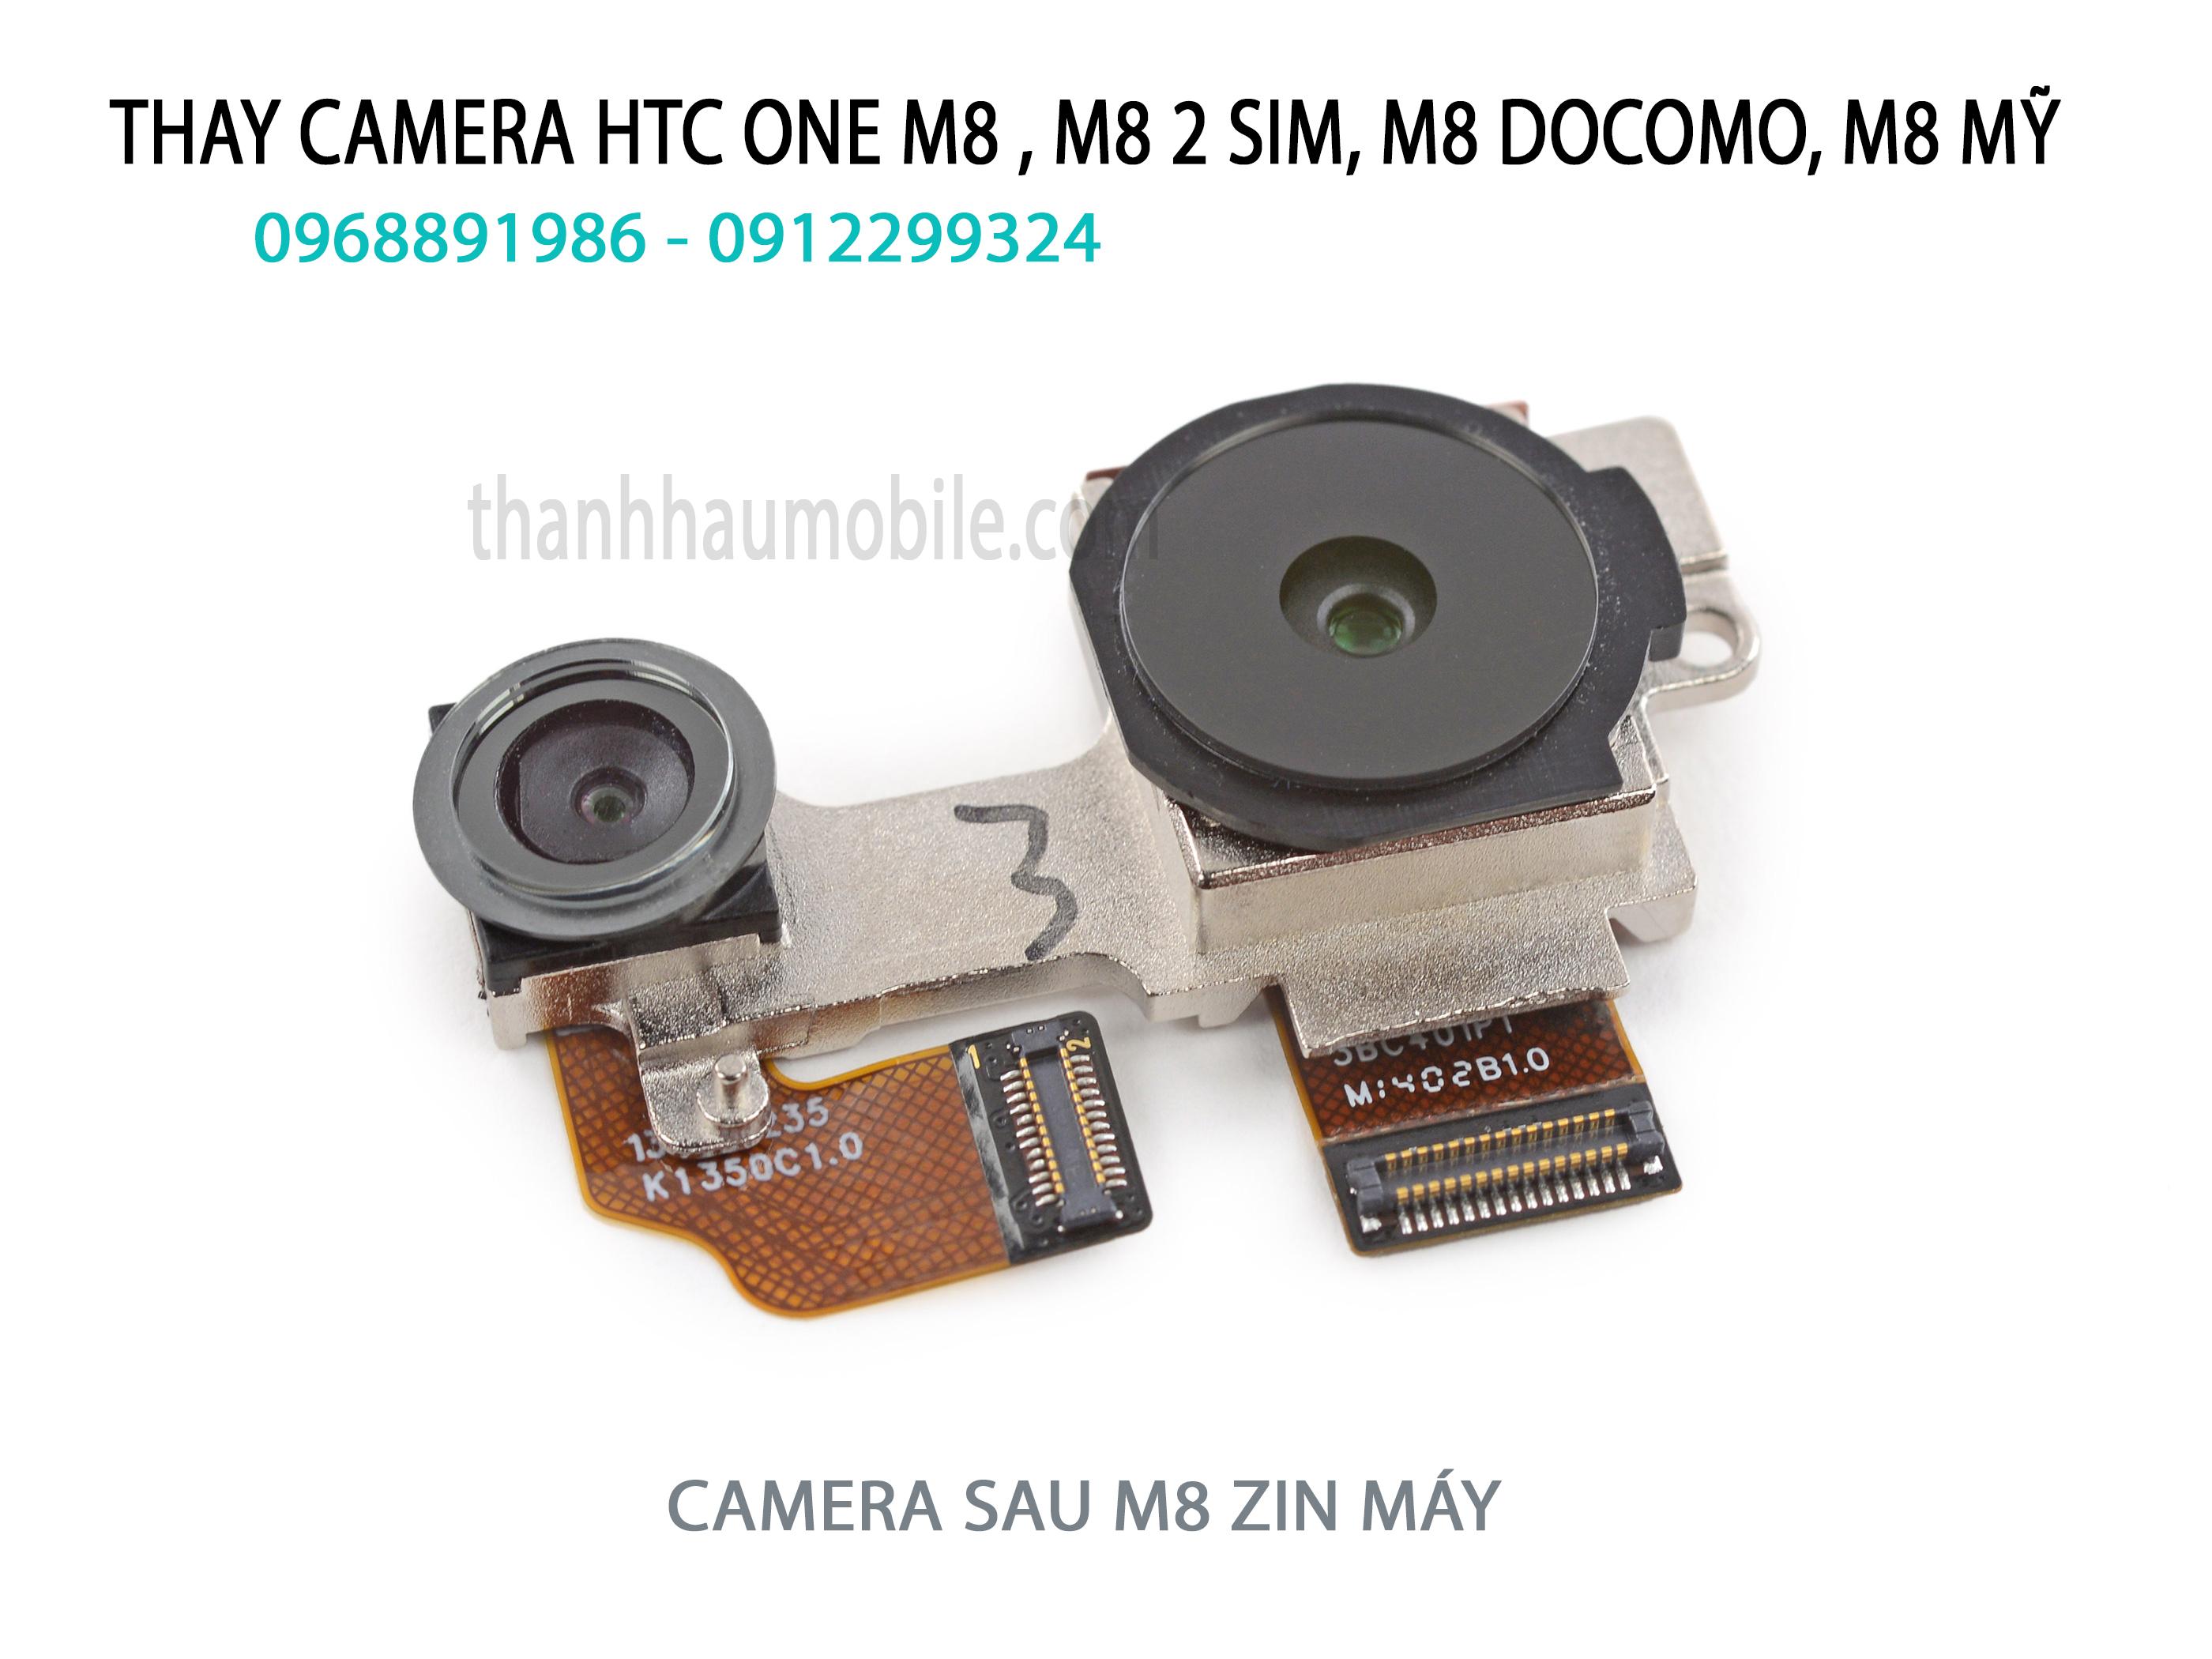 Thay camera sau Htc One M8 Quốc Tế, M8 2 Sim, M8 Docomo, M8 Mỹ